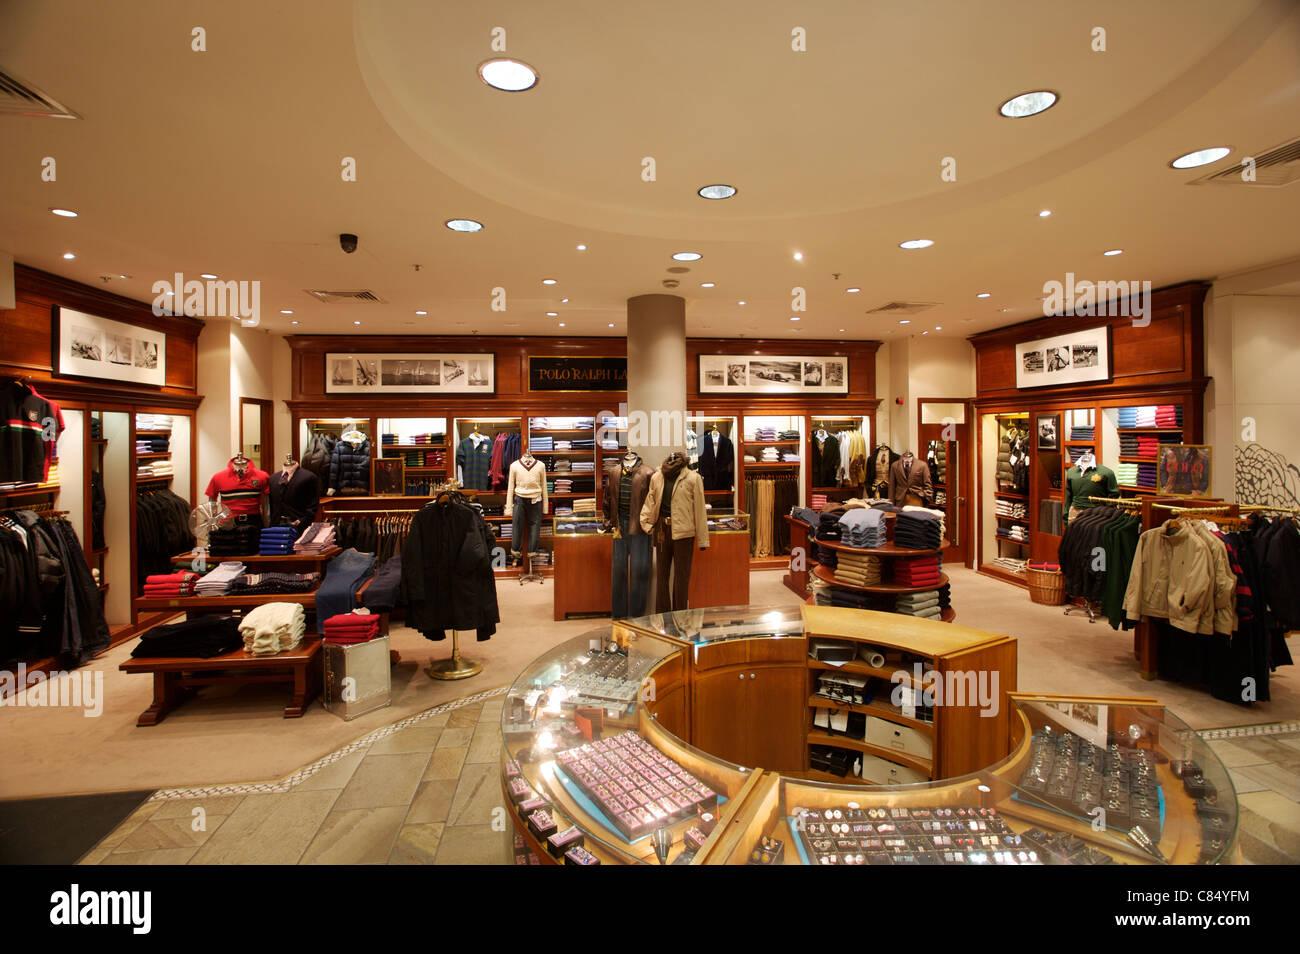 Ralph Lauren Store Interior Stock Photos & Ralph Lauren